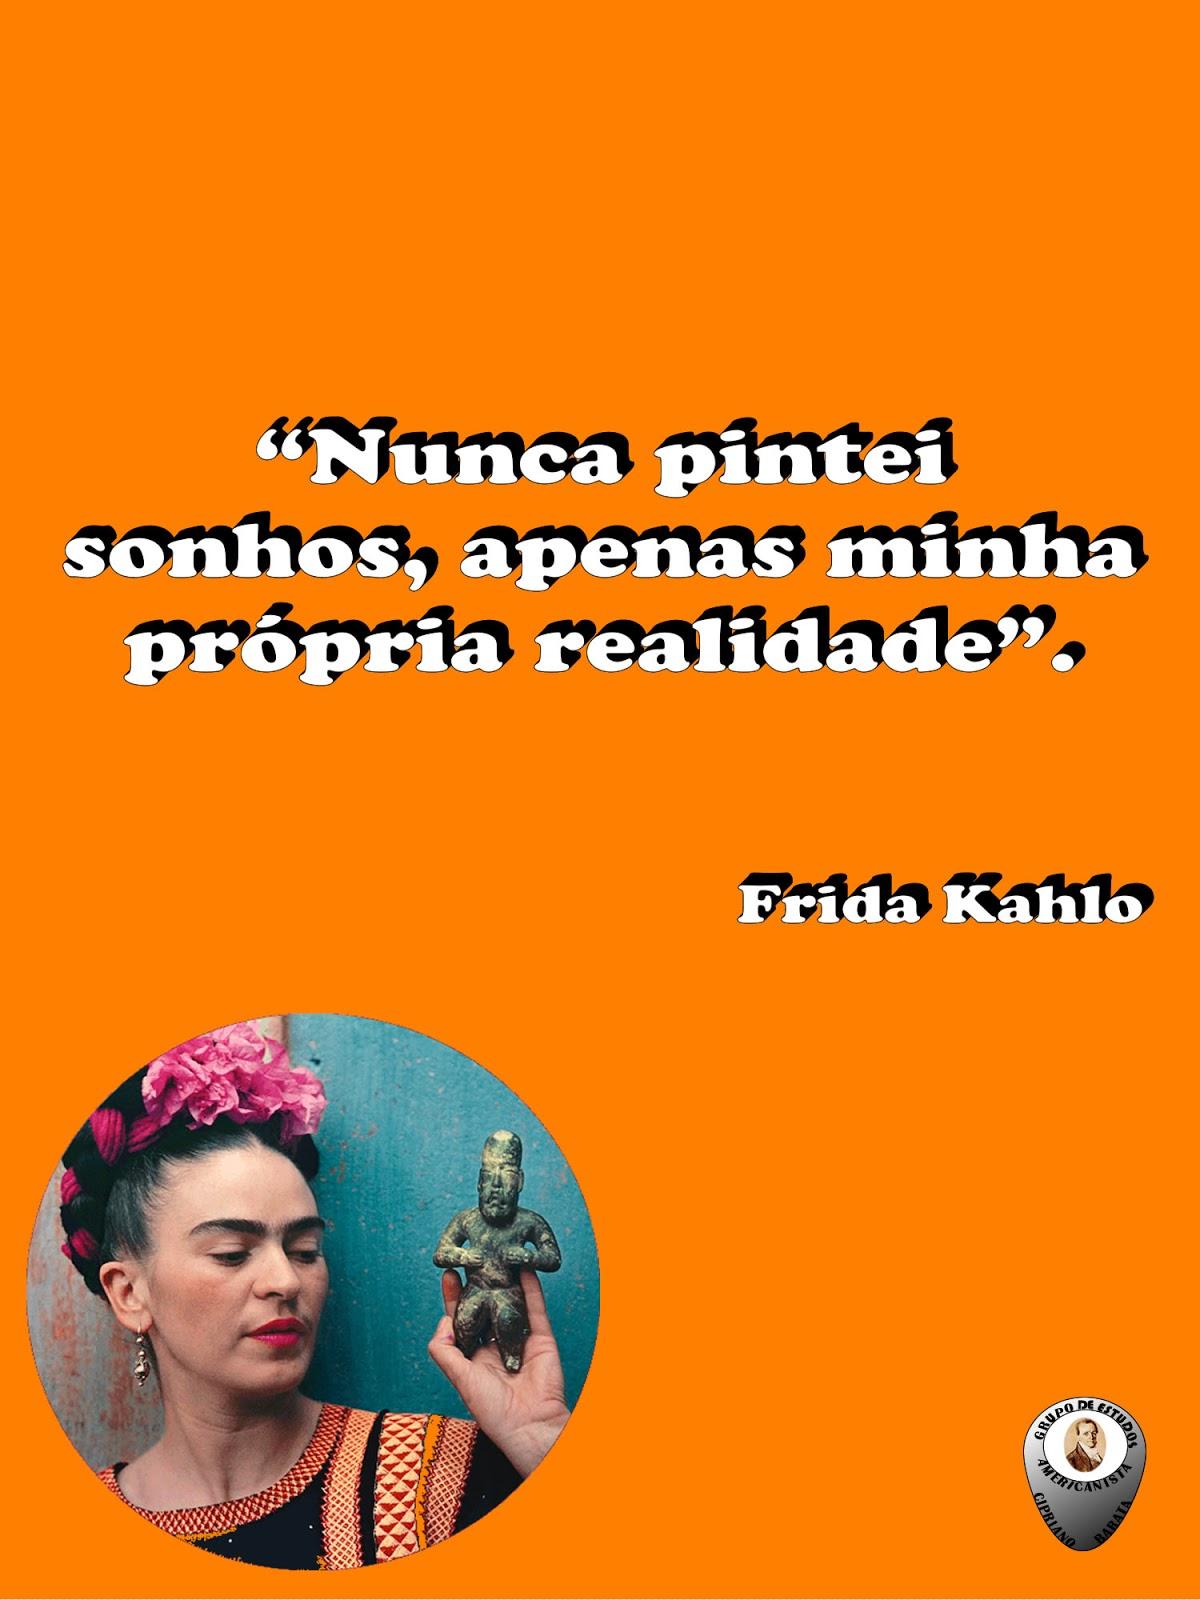 Frida Kahlo Frase Gea Cipriano Barata